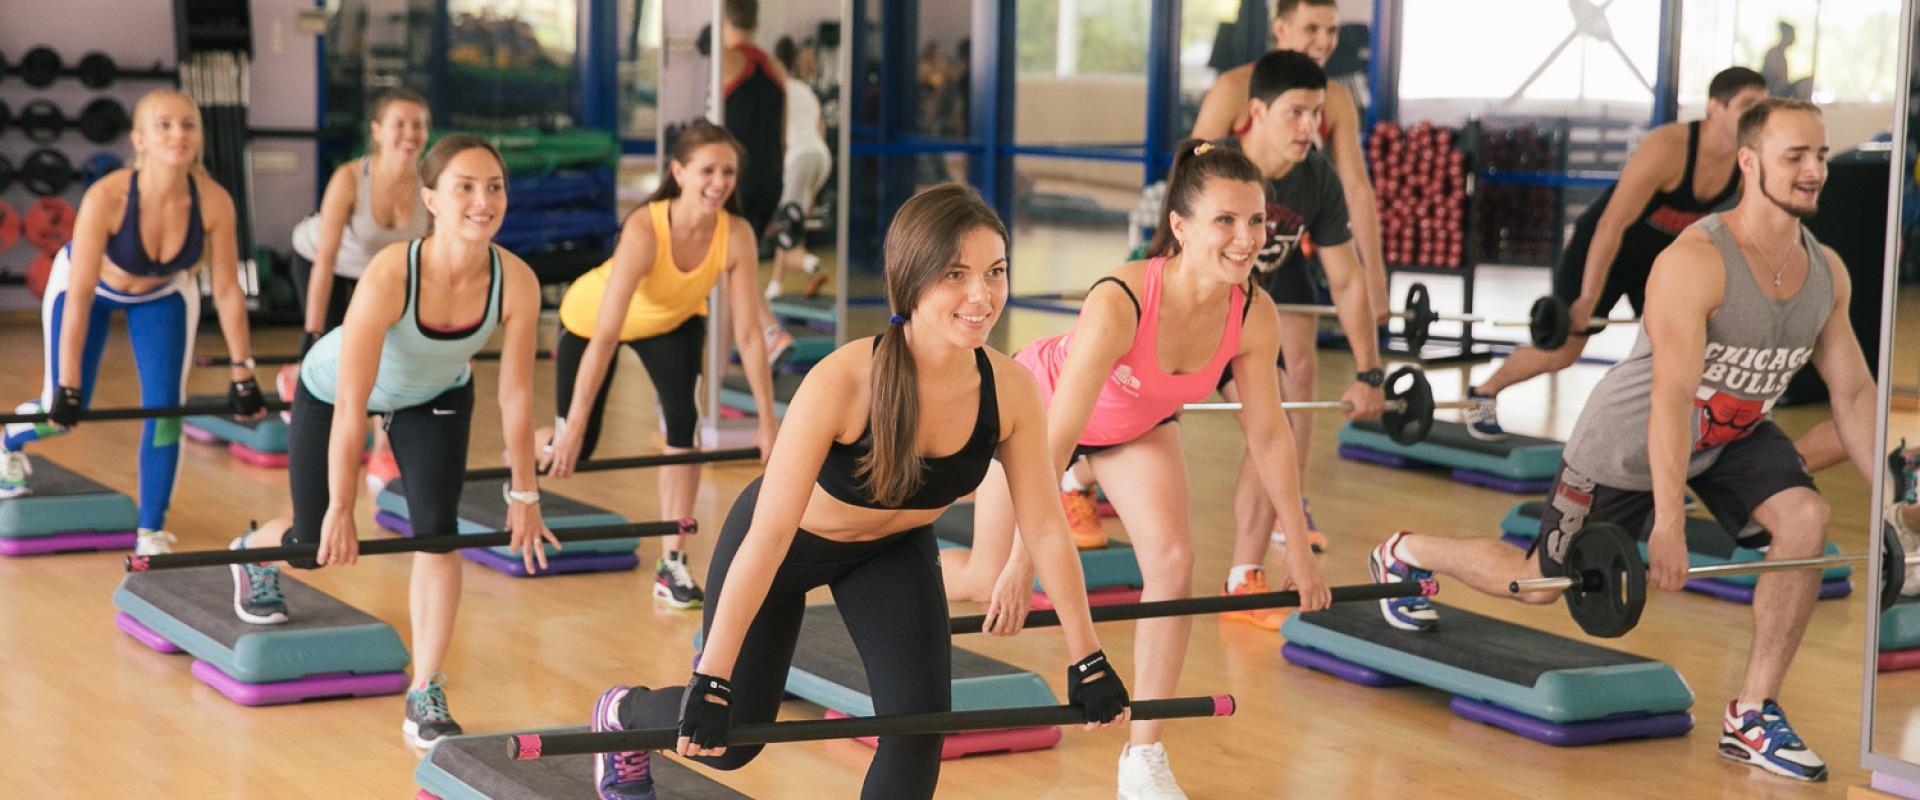 Что такое фитнес и какова его польза для здоровья?